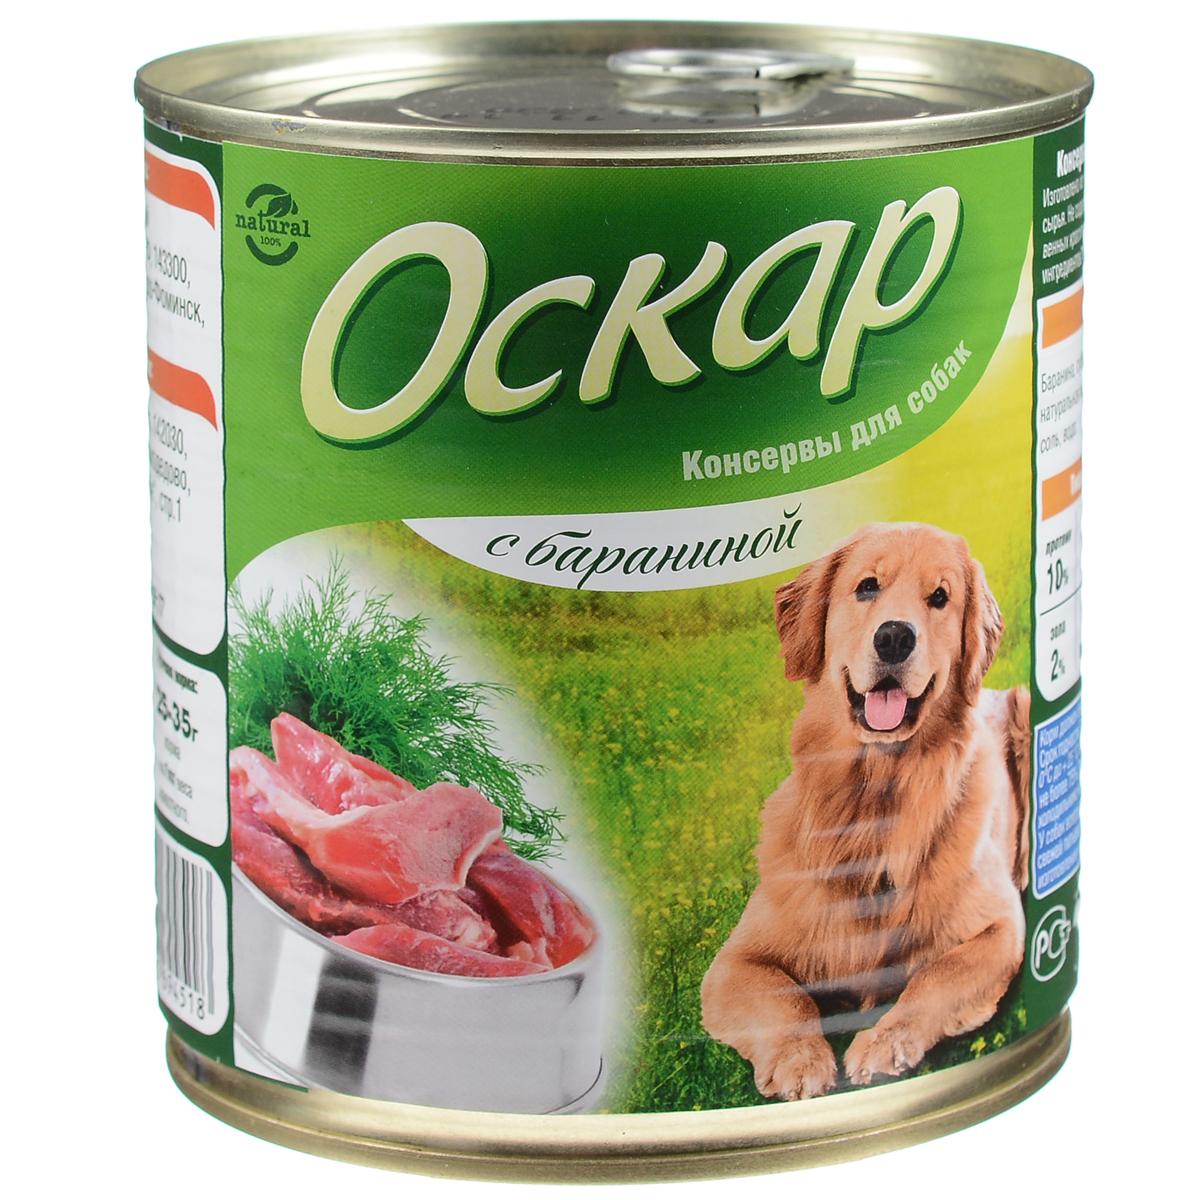 Консервы для собак Оскар, с бараниной, 750 г0120710Консервы для собак Оскар изготовлены из натурального российского мясного сырья. Не содержат сои, ароматизаторов, искусственных красителей, ГМО. Состав: баранина, субпродукты, растительное масло, натуральная желеобразующая добавка, соль, вода. Пищевая ценность (100 г): протеин 10%, жир 5%, углеводы 4%, клетчатка 0,2%, зола 2%, влага 75%. Энергетическая ценность (на 100 г): 101 кКал. Товар сертифицирован.